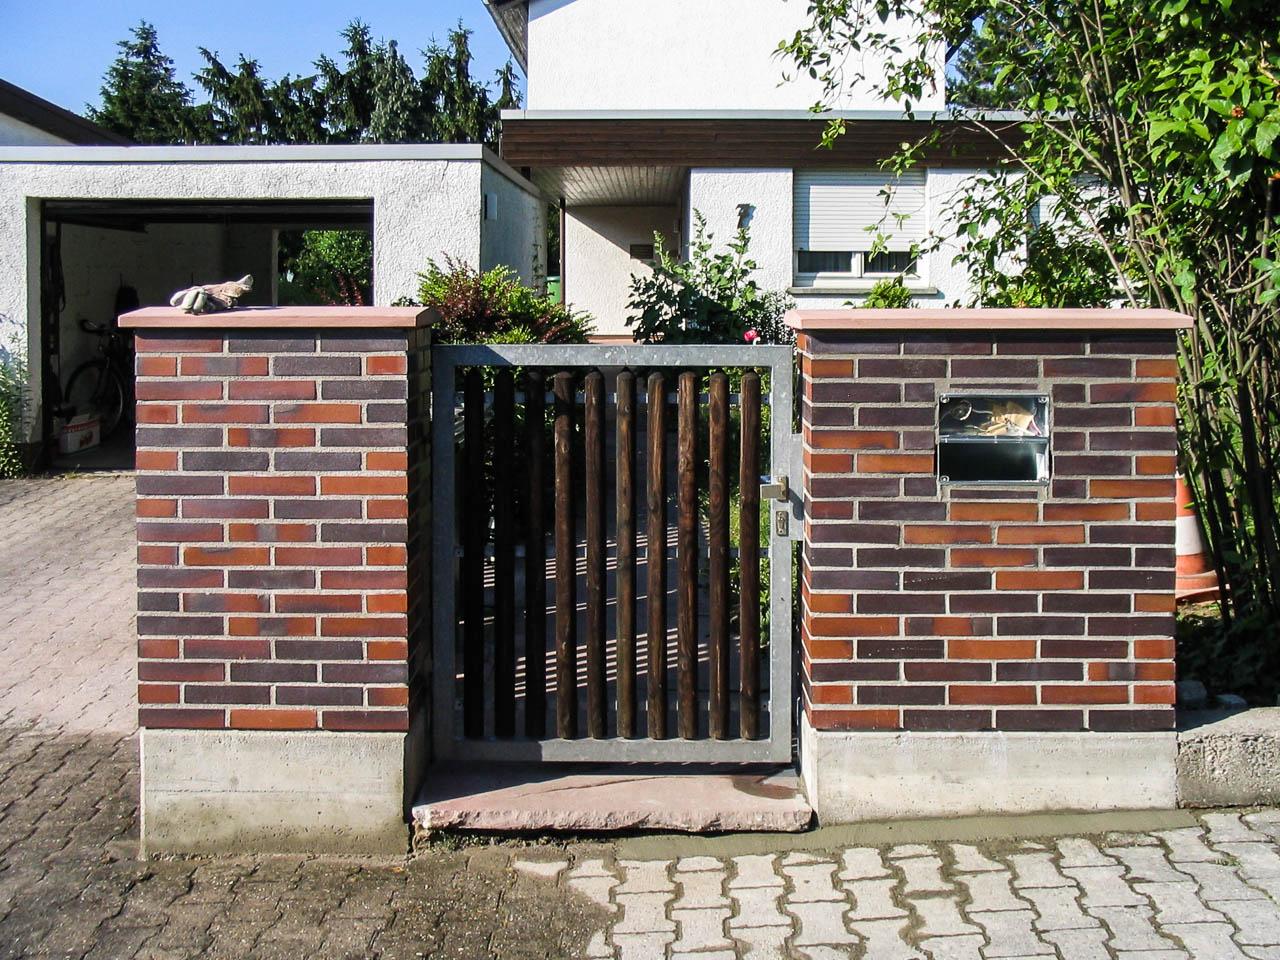 mauerwerk klinker kunststein naturstein sanierung thilo g klipstein landschaftsbau. Black Bedroom Furniture Sets. Home Design Ideas